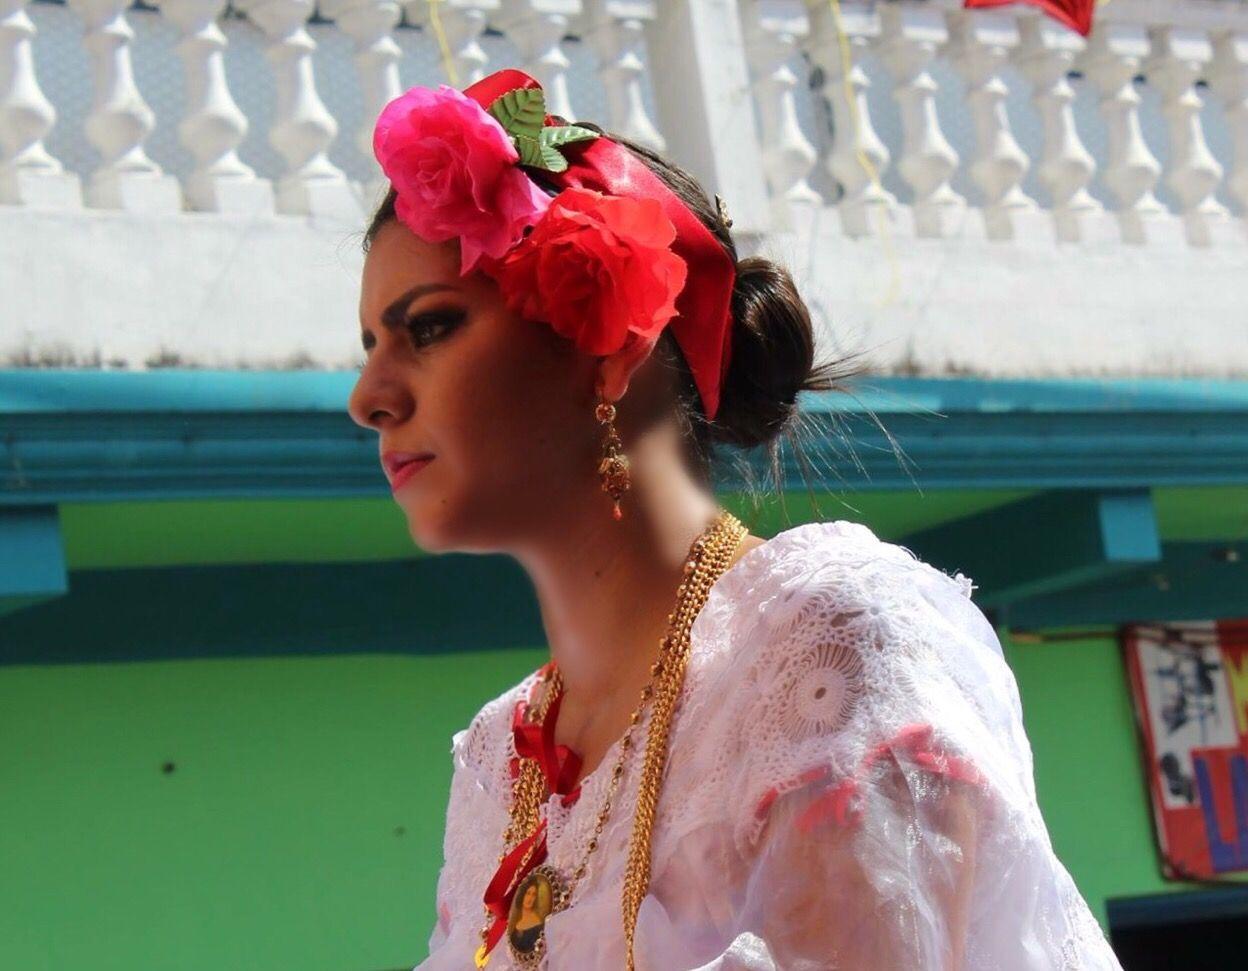 Jarocha Veracruz M Xico Me Pinterest Veracruz Y M Xico # Ad Hoc Muebles Veracruz